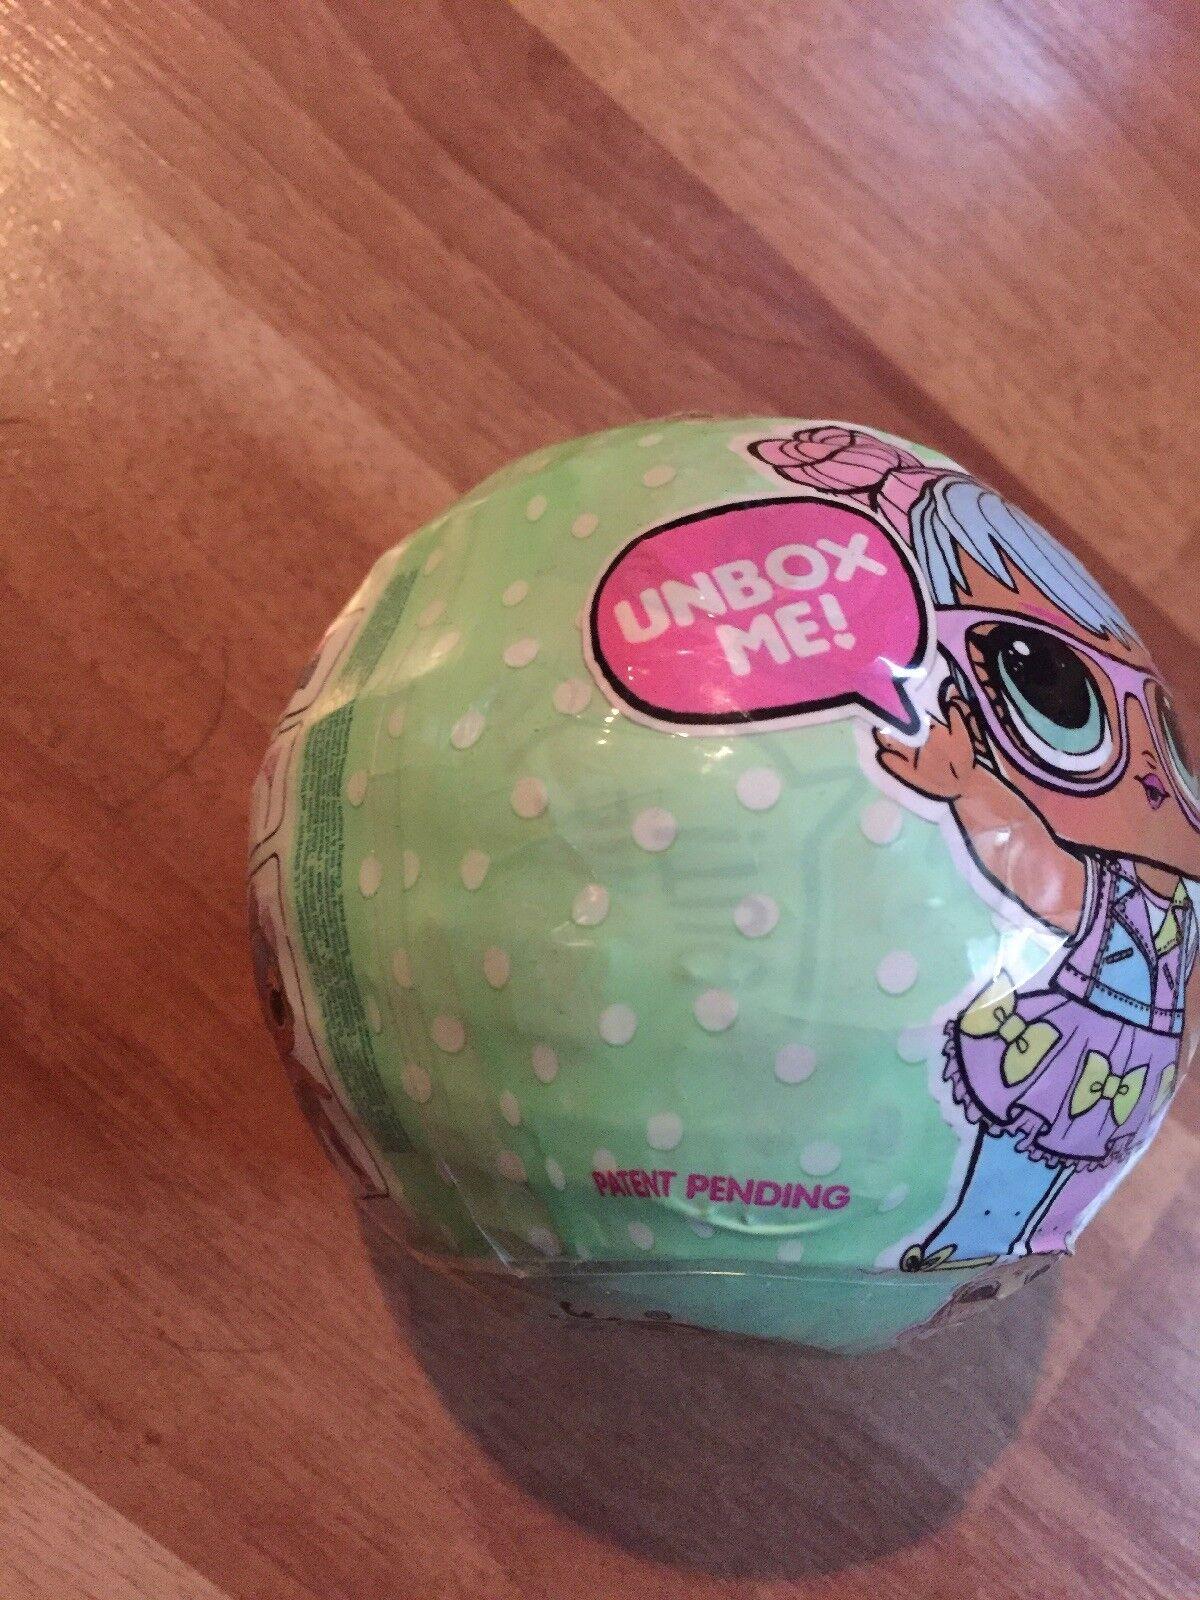 2017 Muñeca lol serie 2 (Bombón en frente) Ball 'Unbox me'   46217WFE  1 Bola